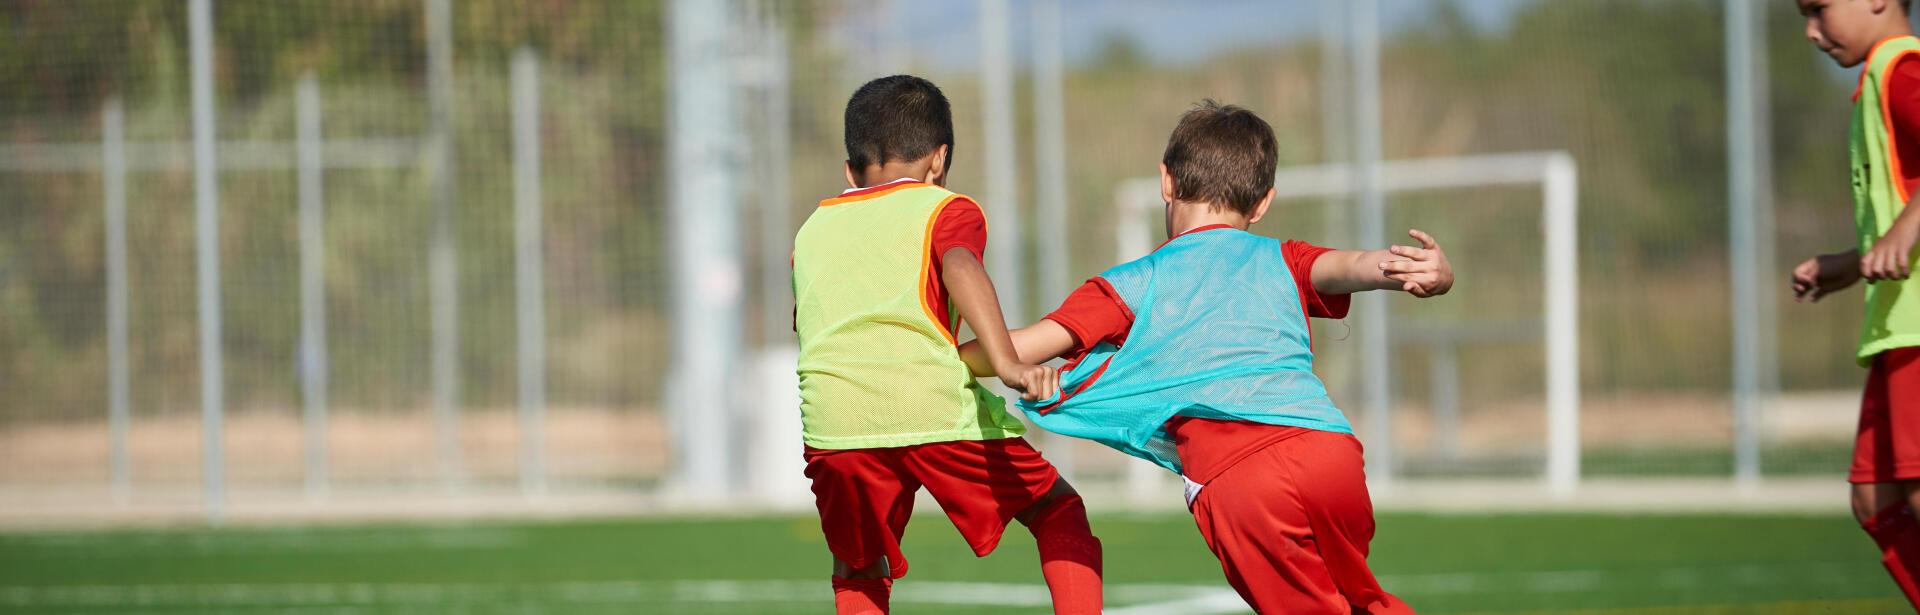 Conseils Pour le jeune footballeur